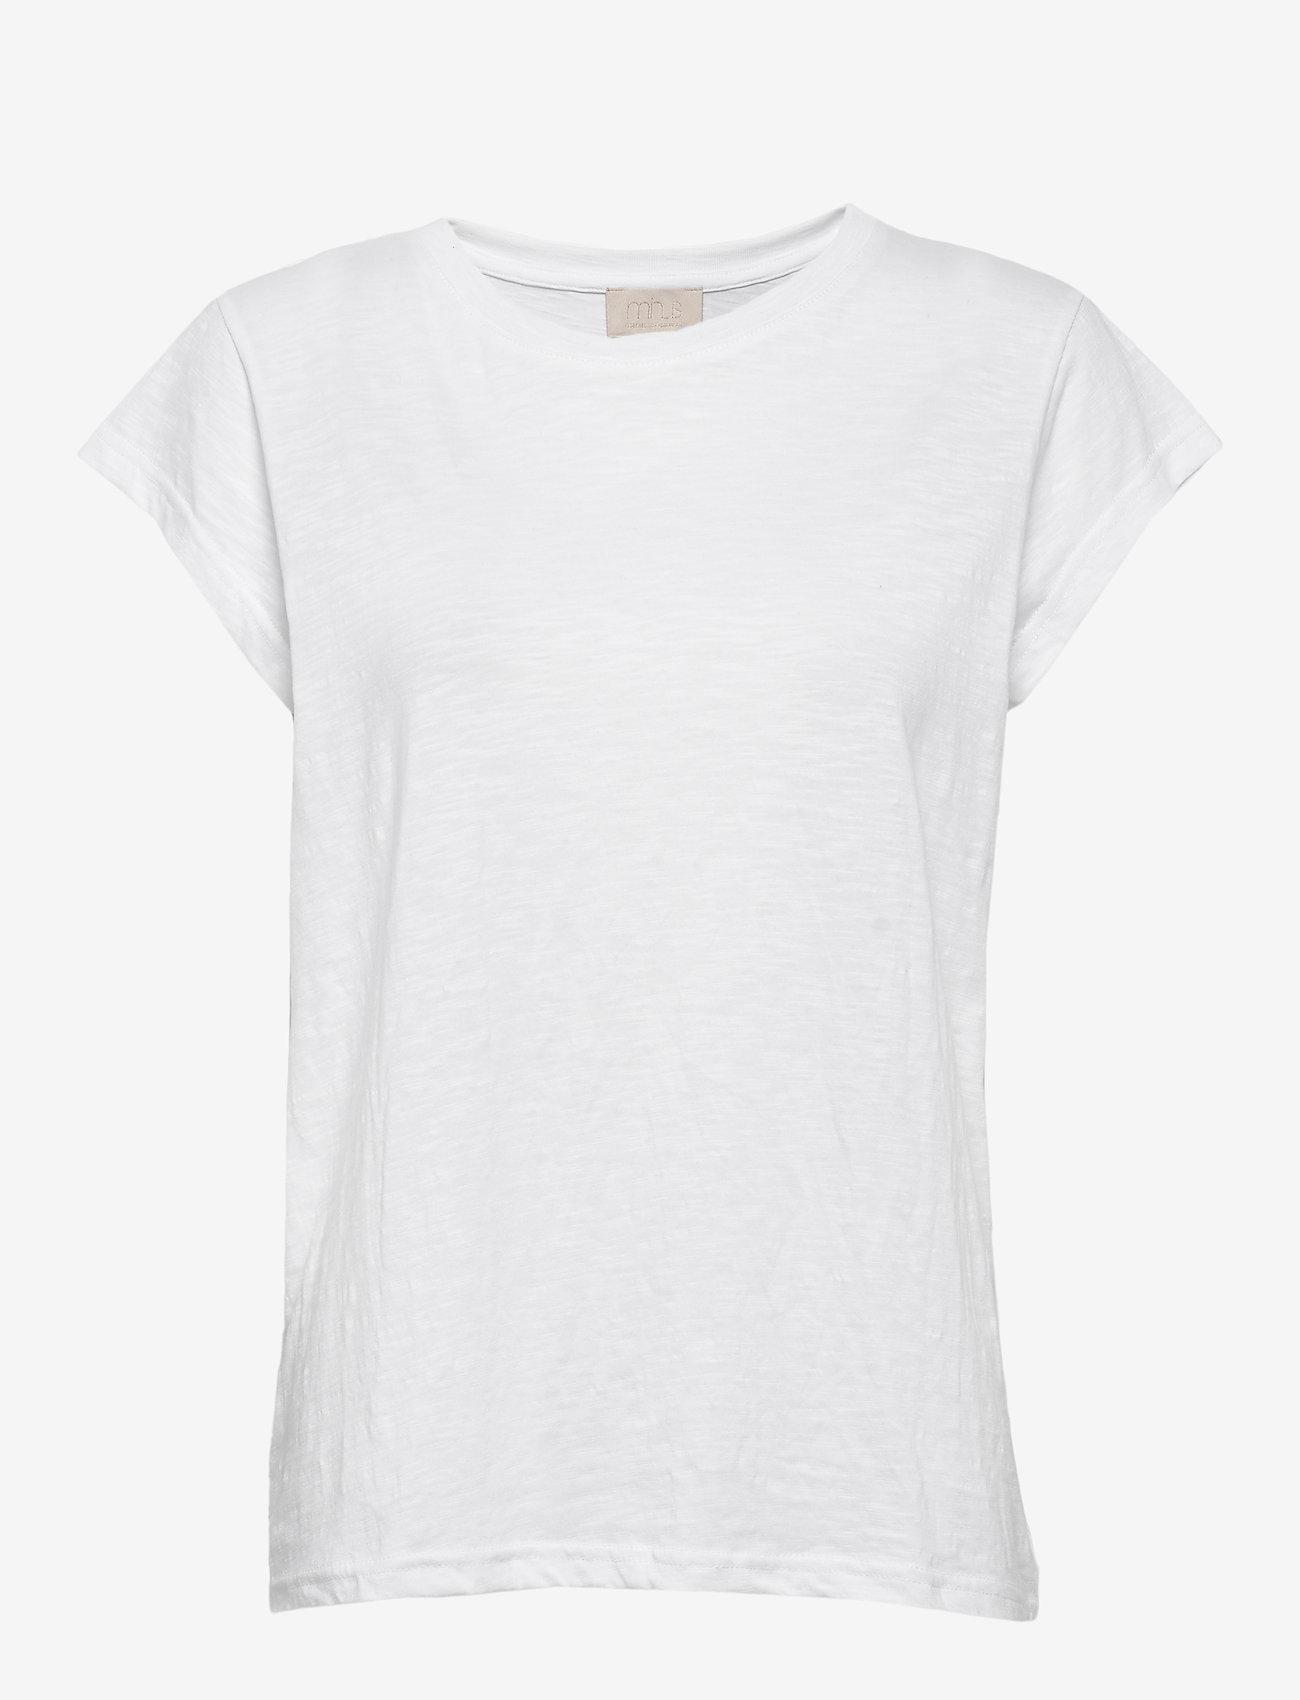 Minus - Leti tee - t-shirts - white - 0